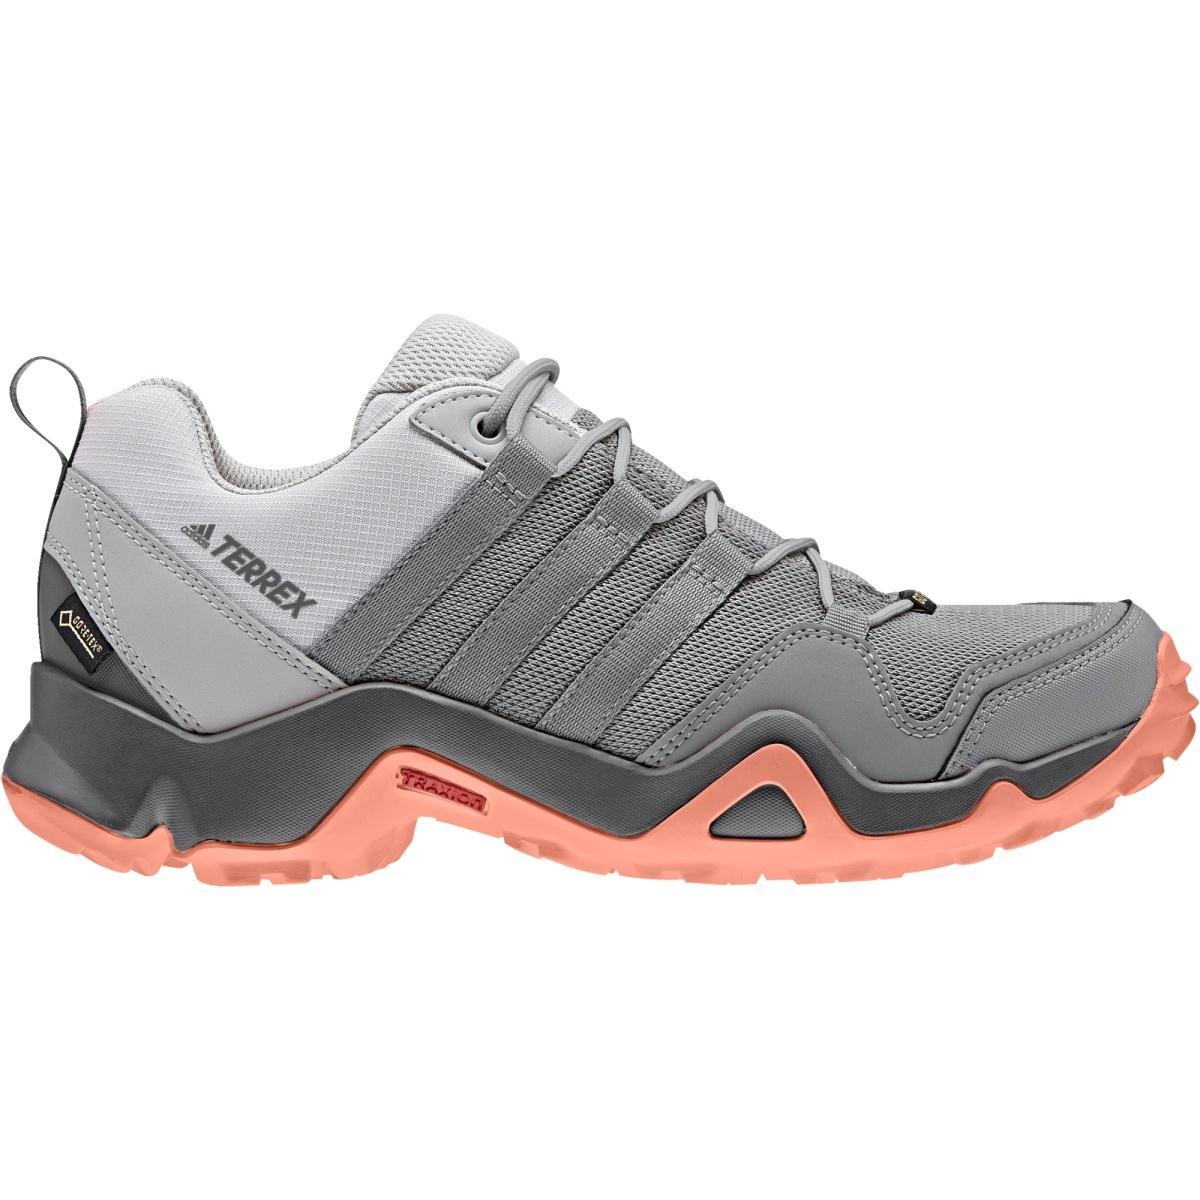 36da31b2b5d ... Terrex Ax2R Gtx W šedá EUR 38. -18%. adidas ...